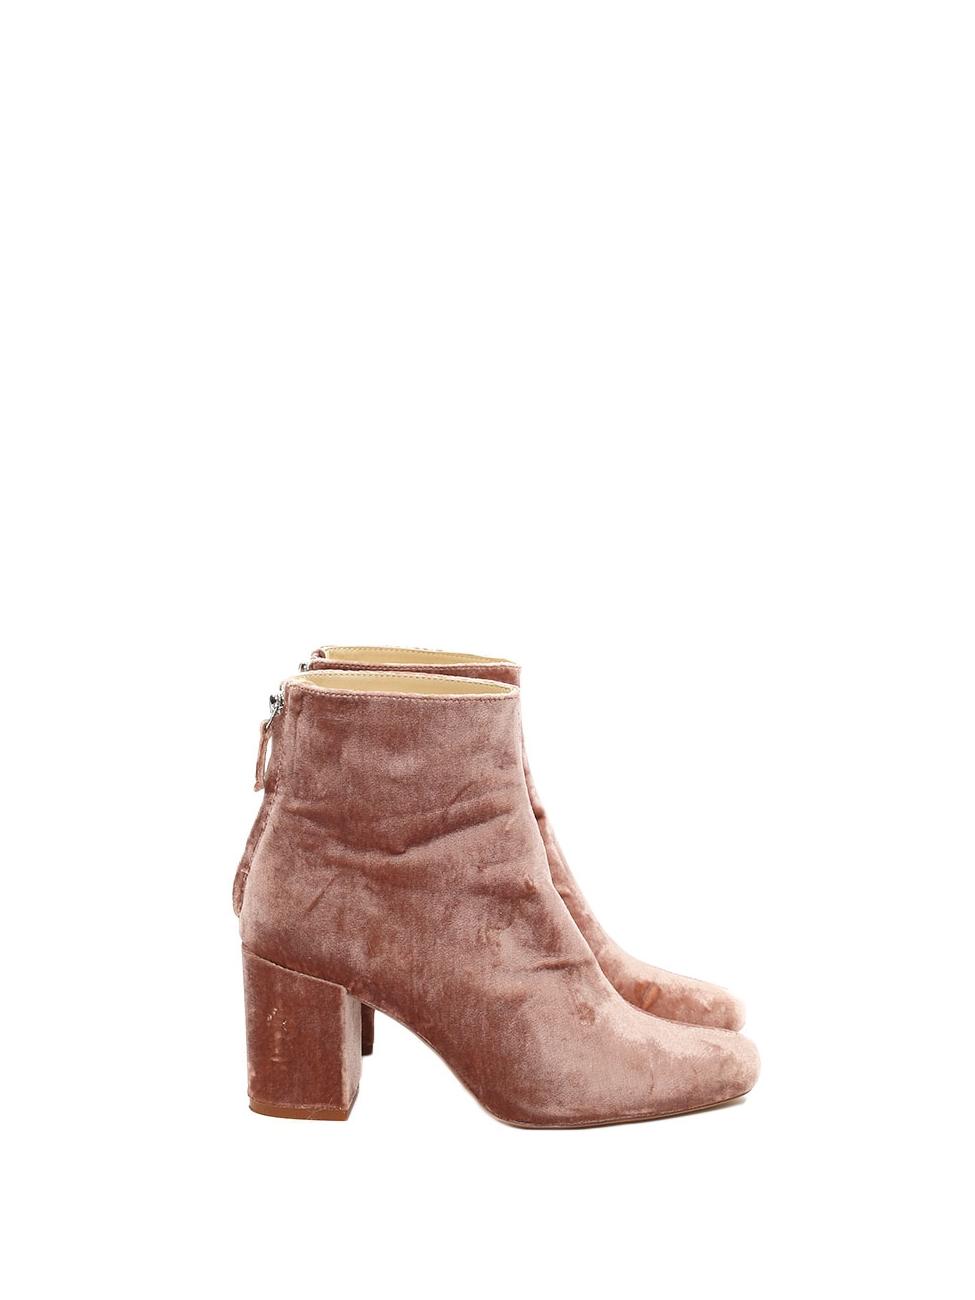 Zara High Heel Velvet Ankle Boots,Size 37,38